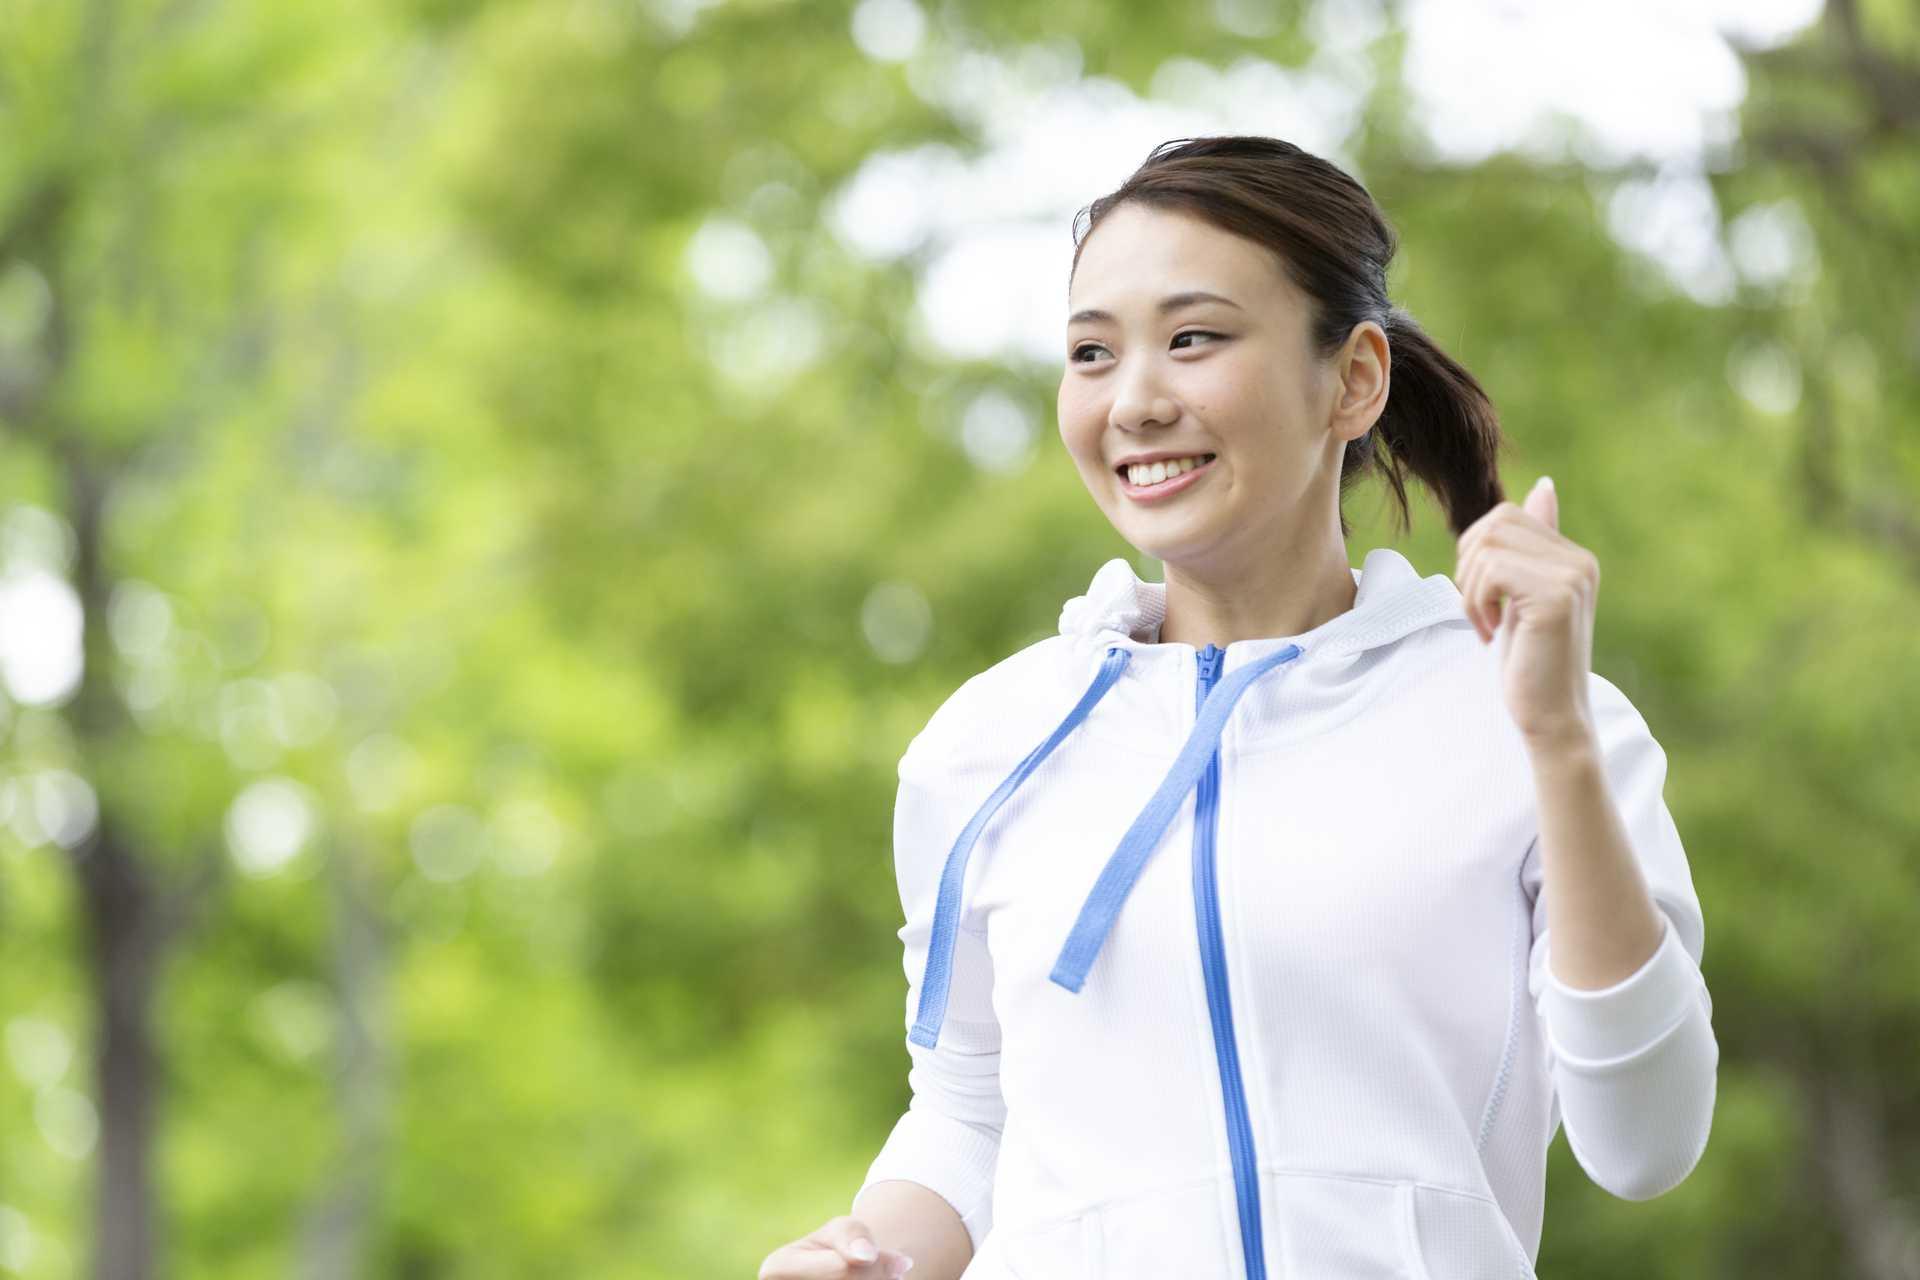 歩くスピードに「緩急」という変化をつけて歩いてみる。 | 脳を刺激する30の歩き方